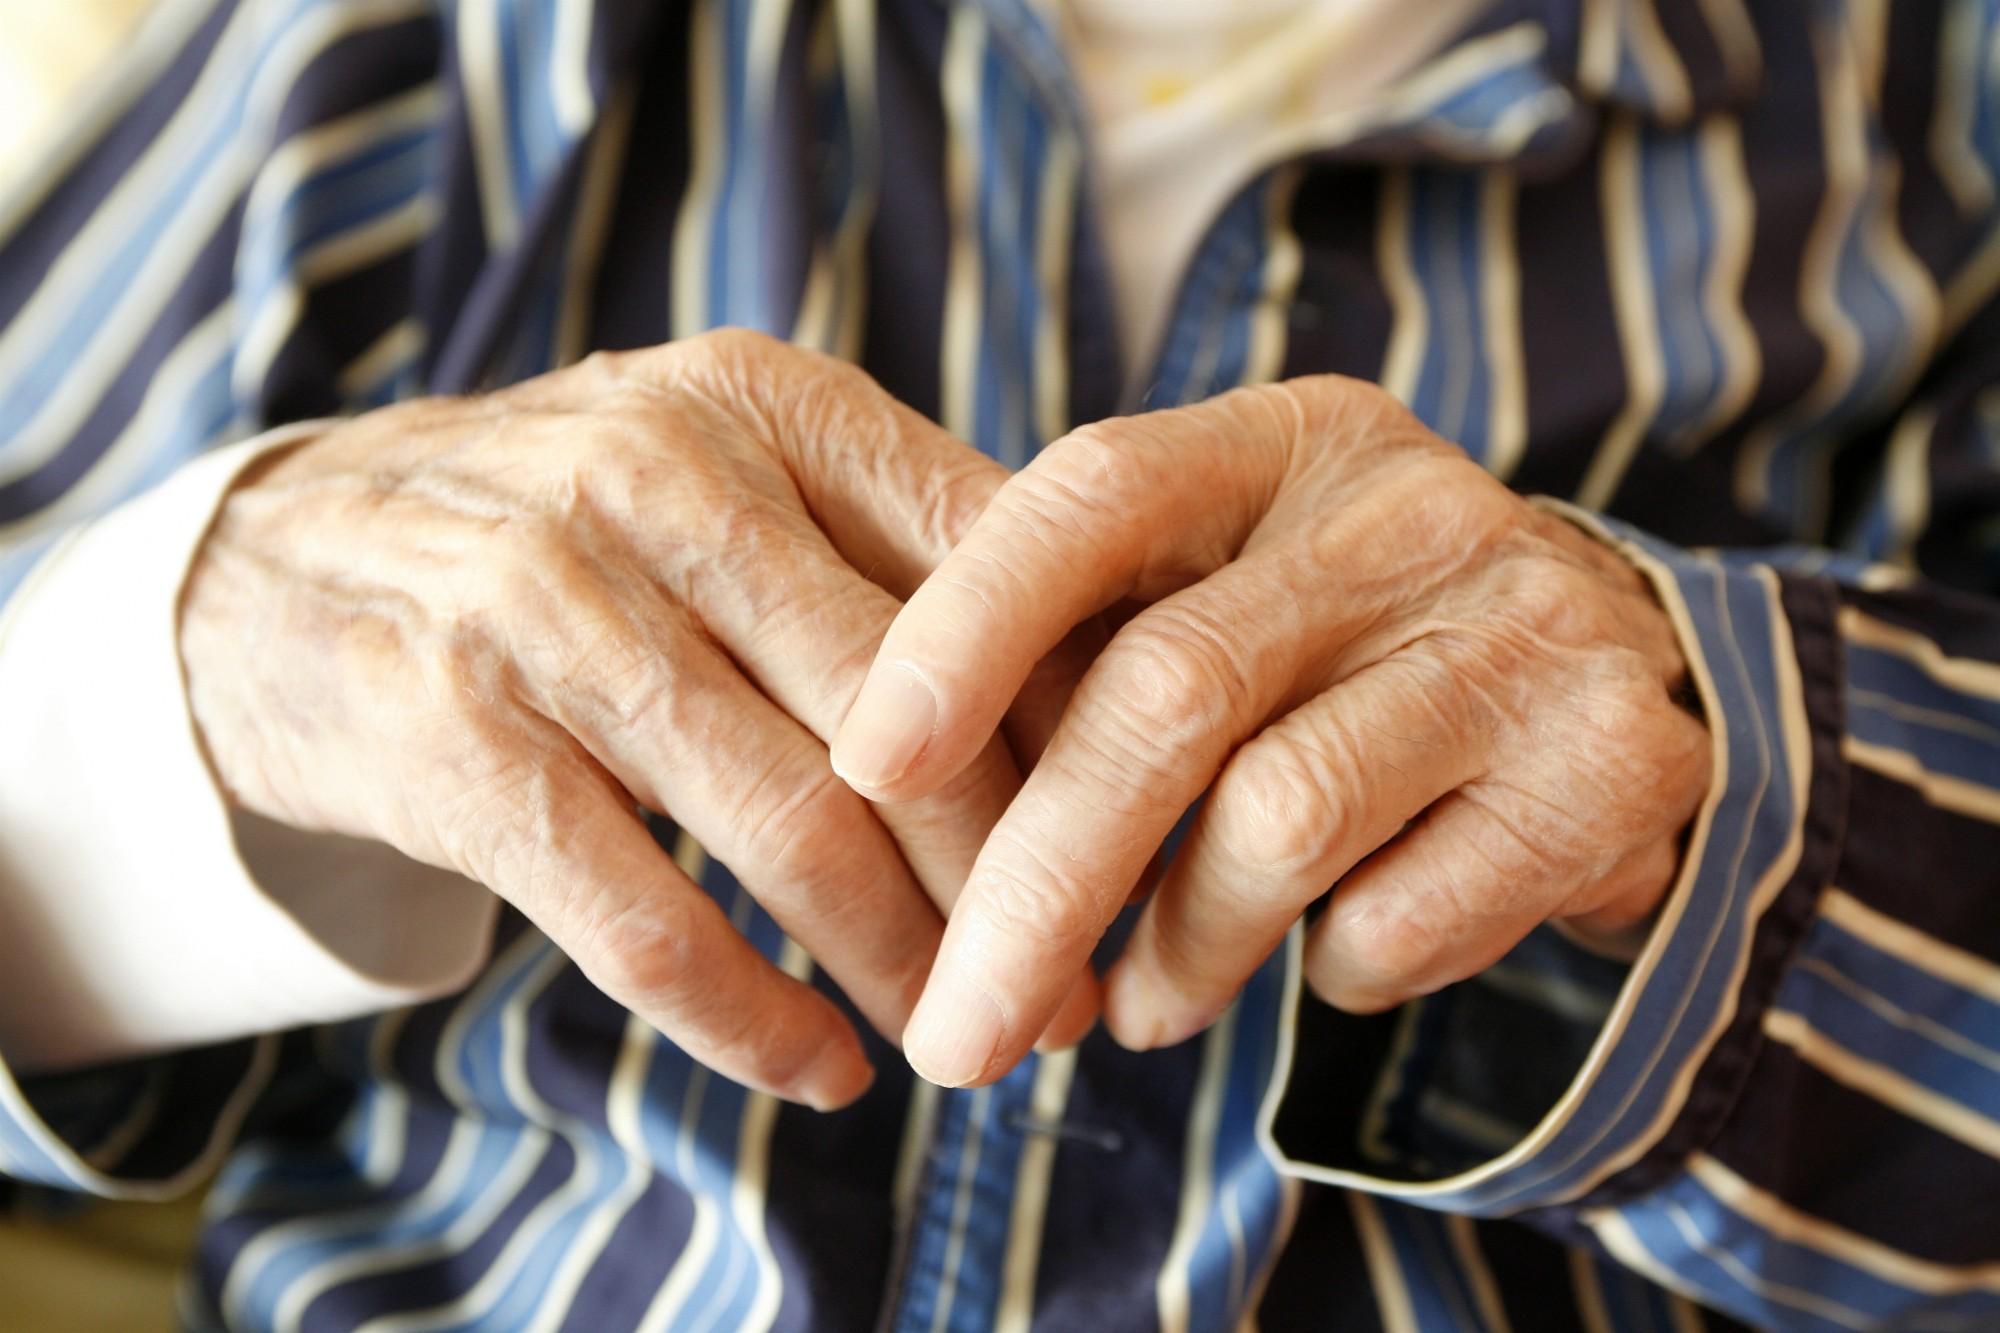 Ներկայացել է սոցապի աշխատակից և թալանել 88-ամյա ծերունուն